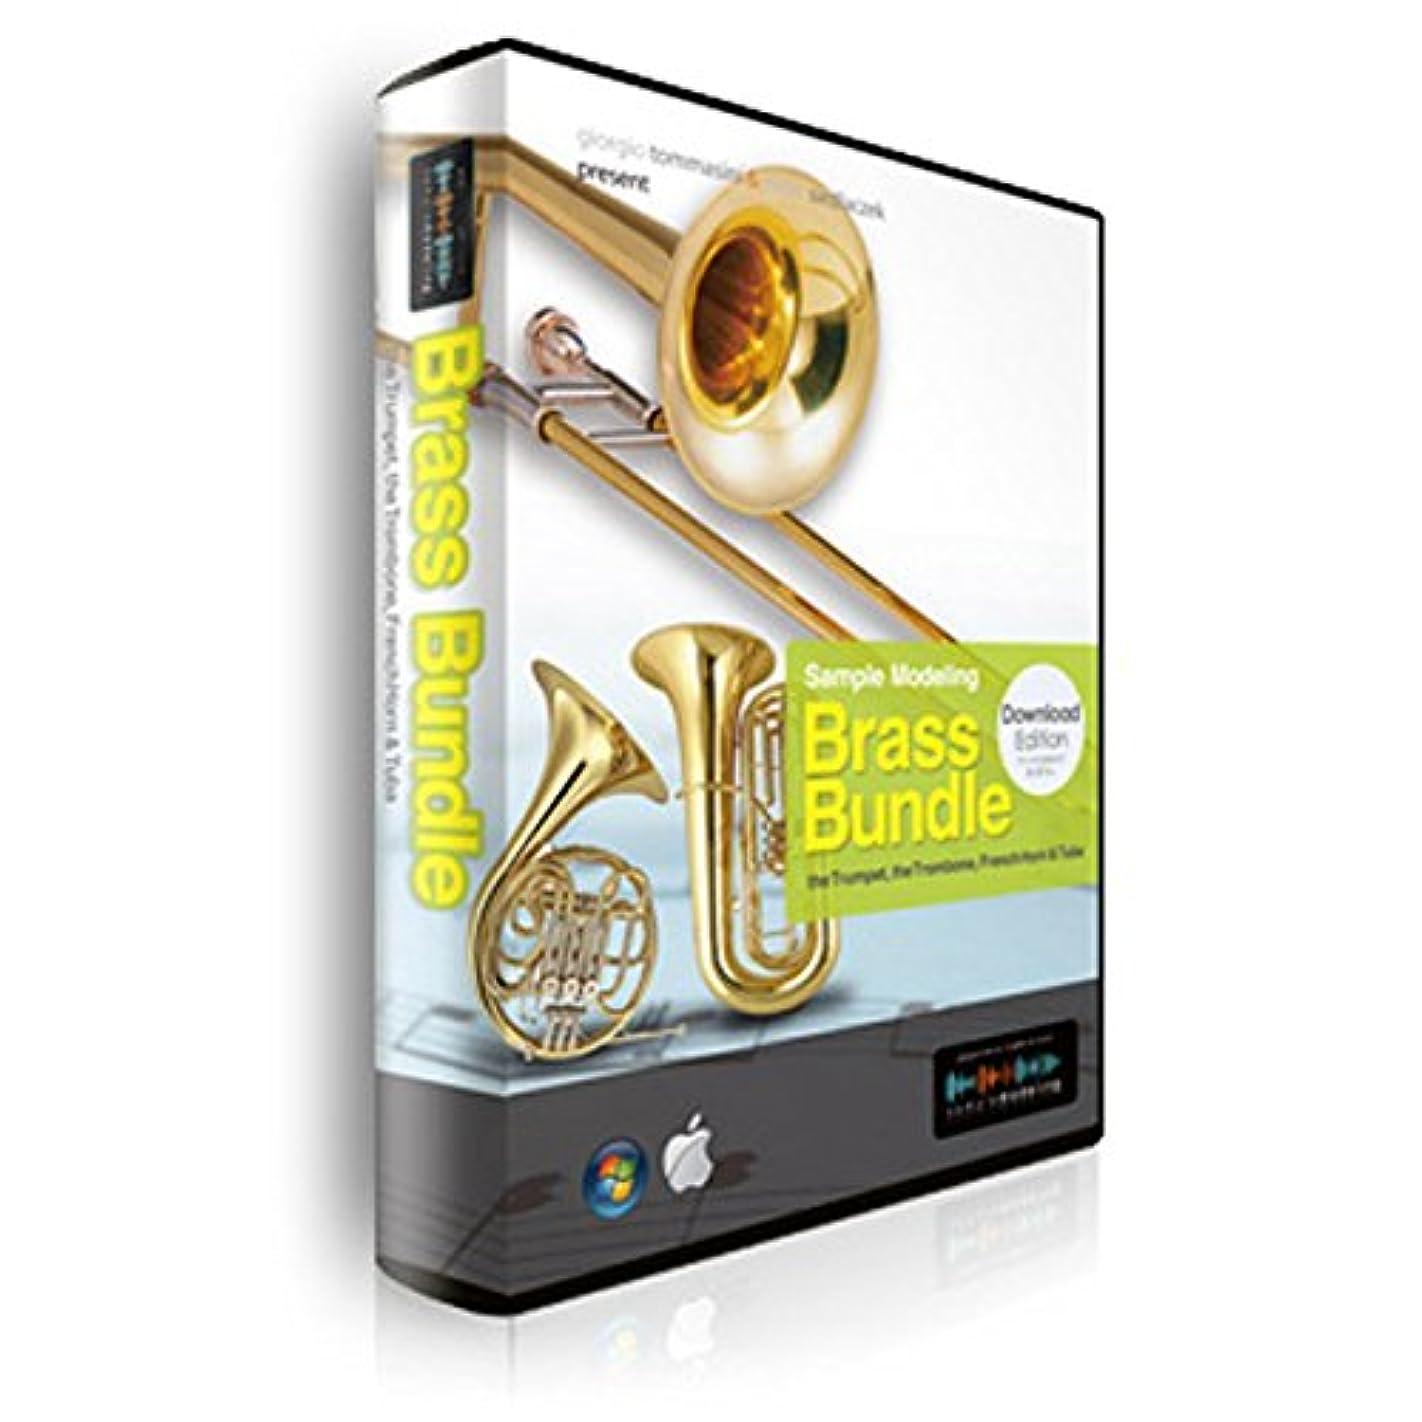 手がかり悩みコメンテーターSample Modeling Brass Bundle プラグイン音源ソフト (サンプルモデリング) 国内正規品